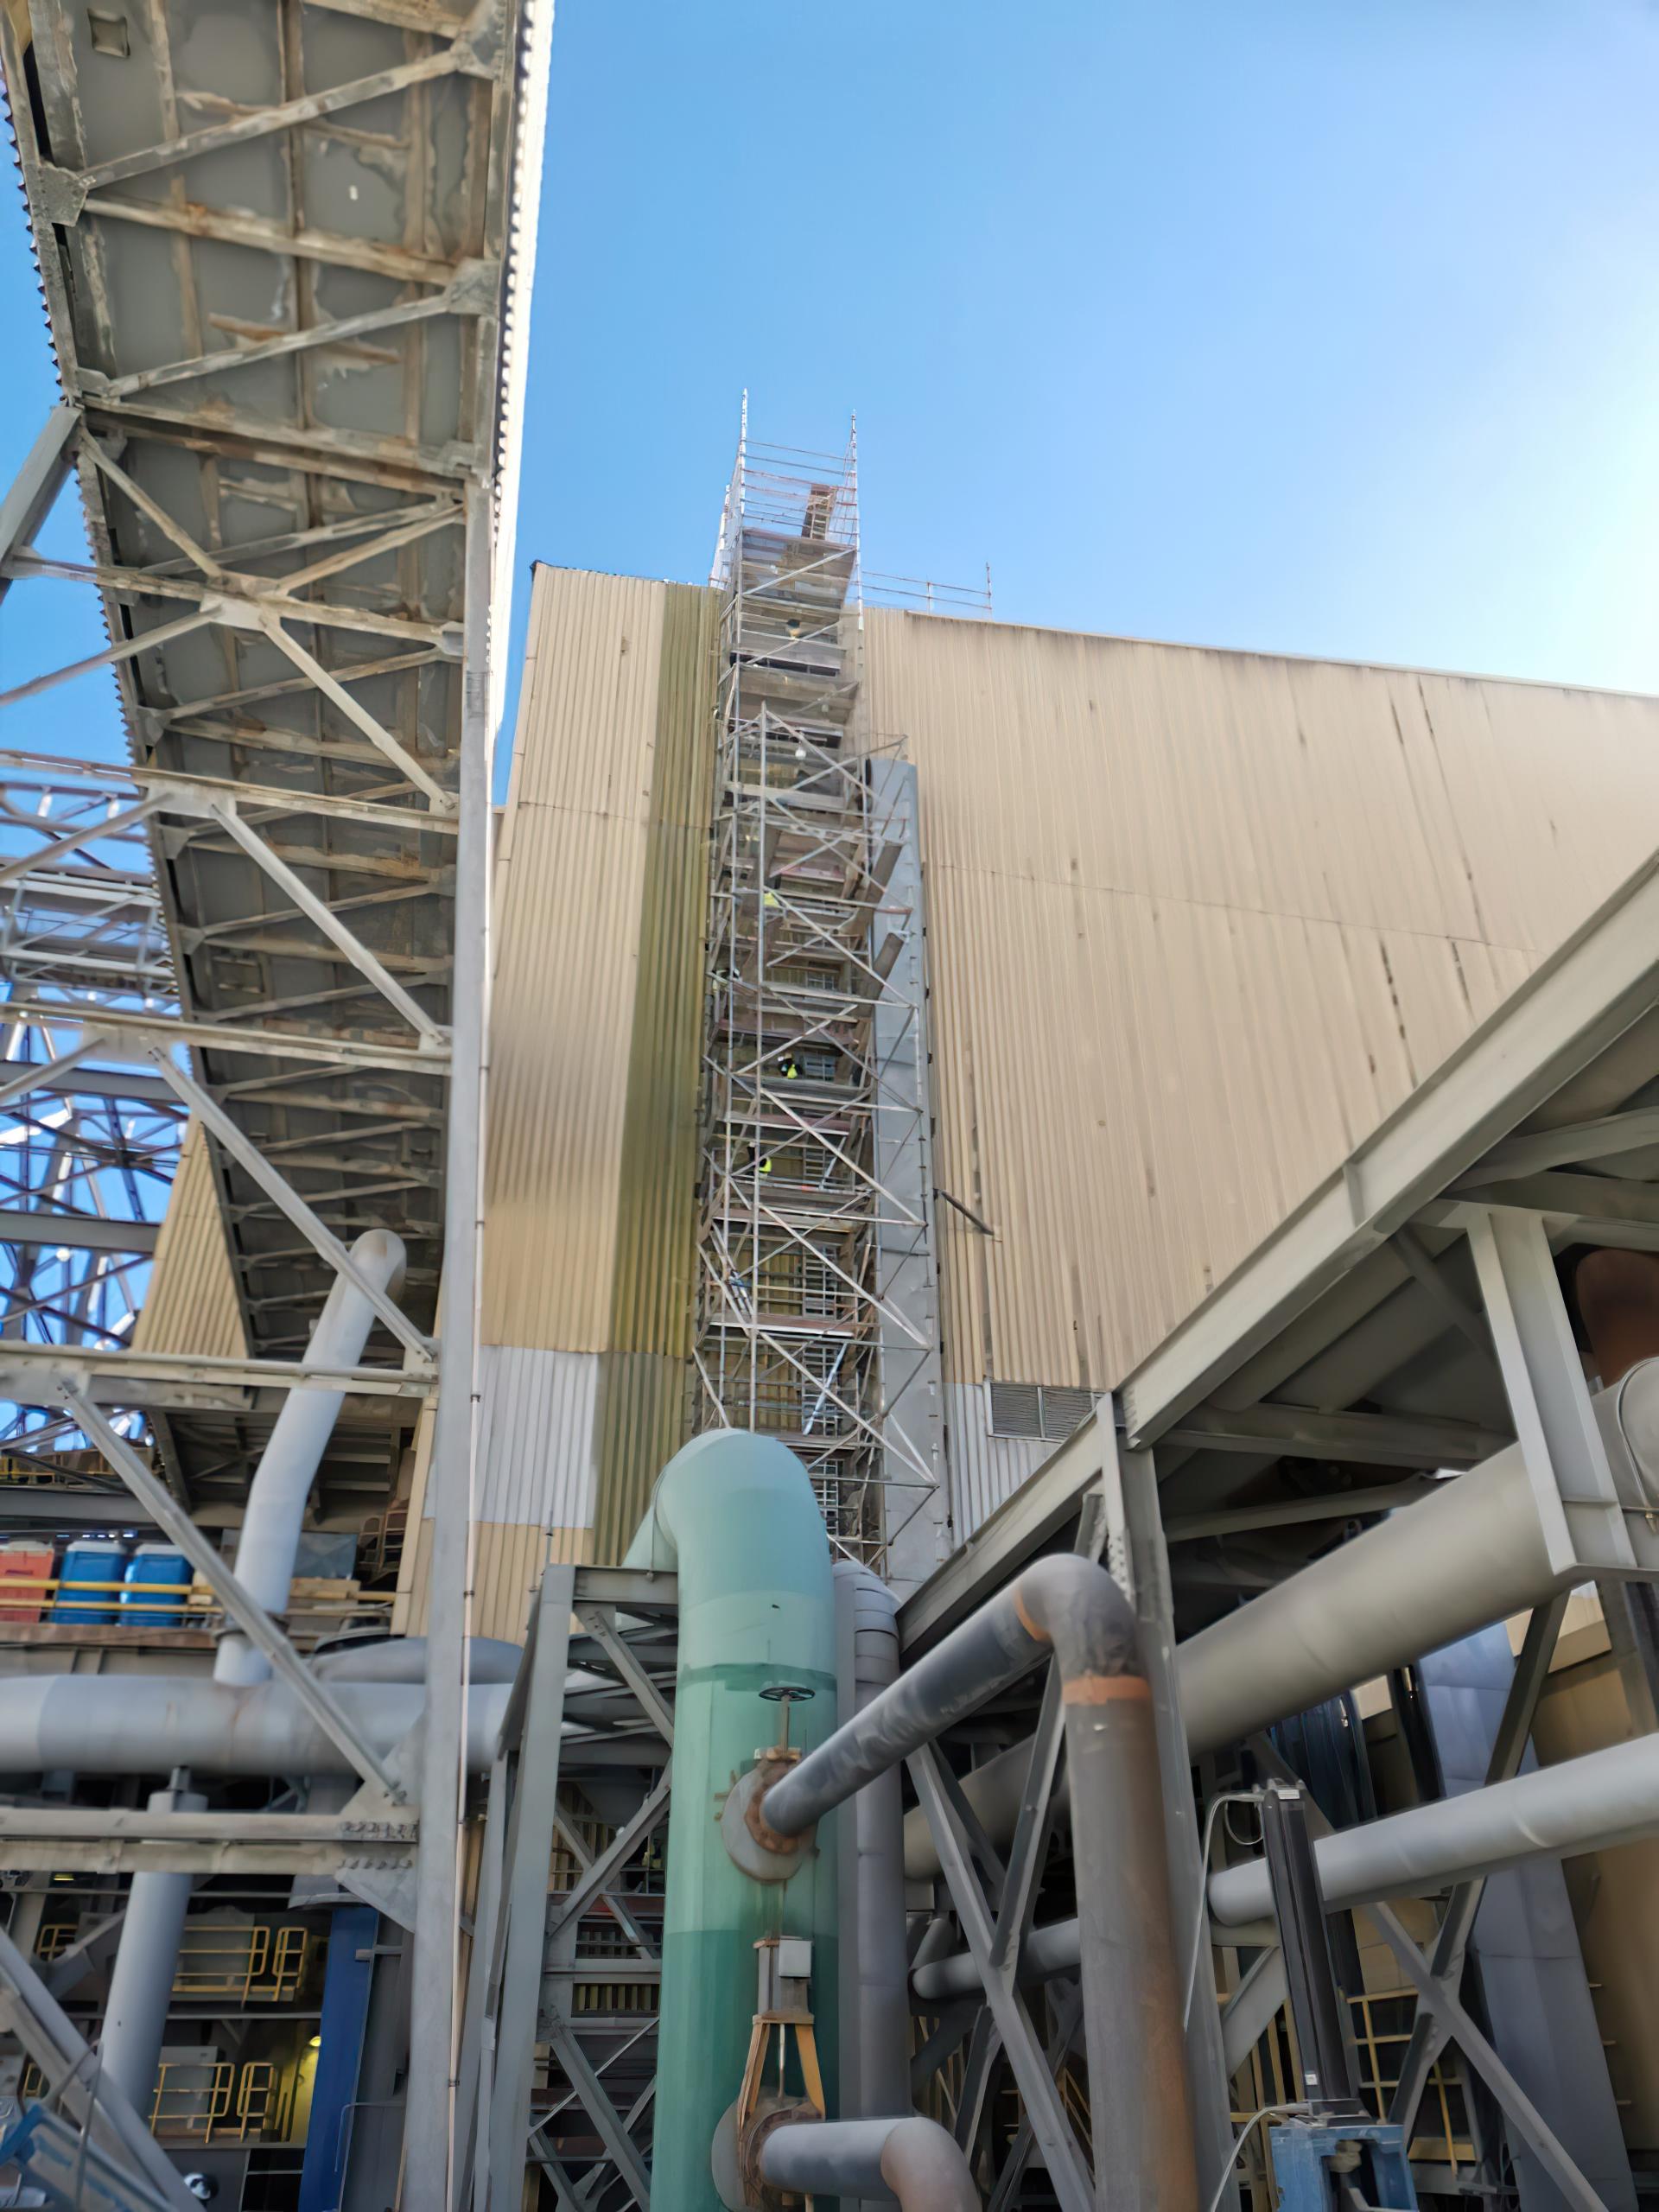 Montaje Eléctrico-Instrumentación Extractores de Techo Adicionales Planta Concentradora.